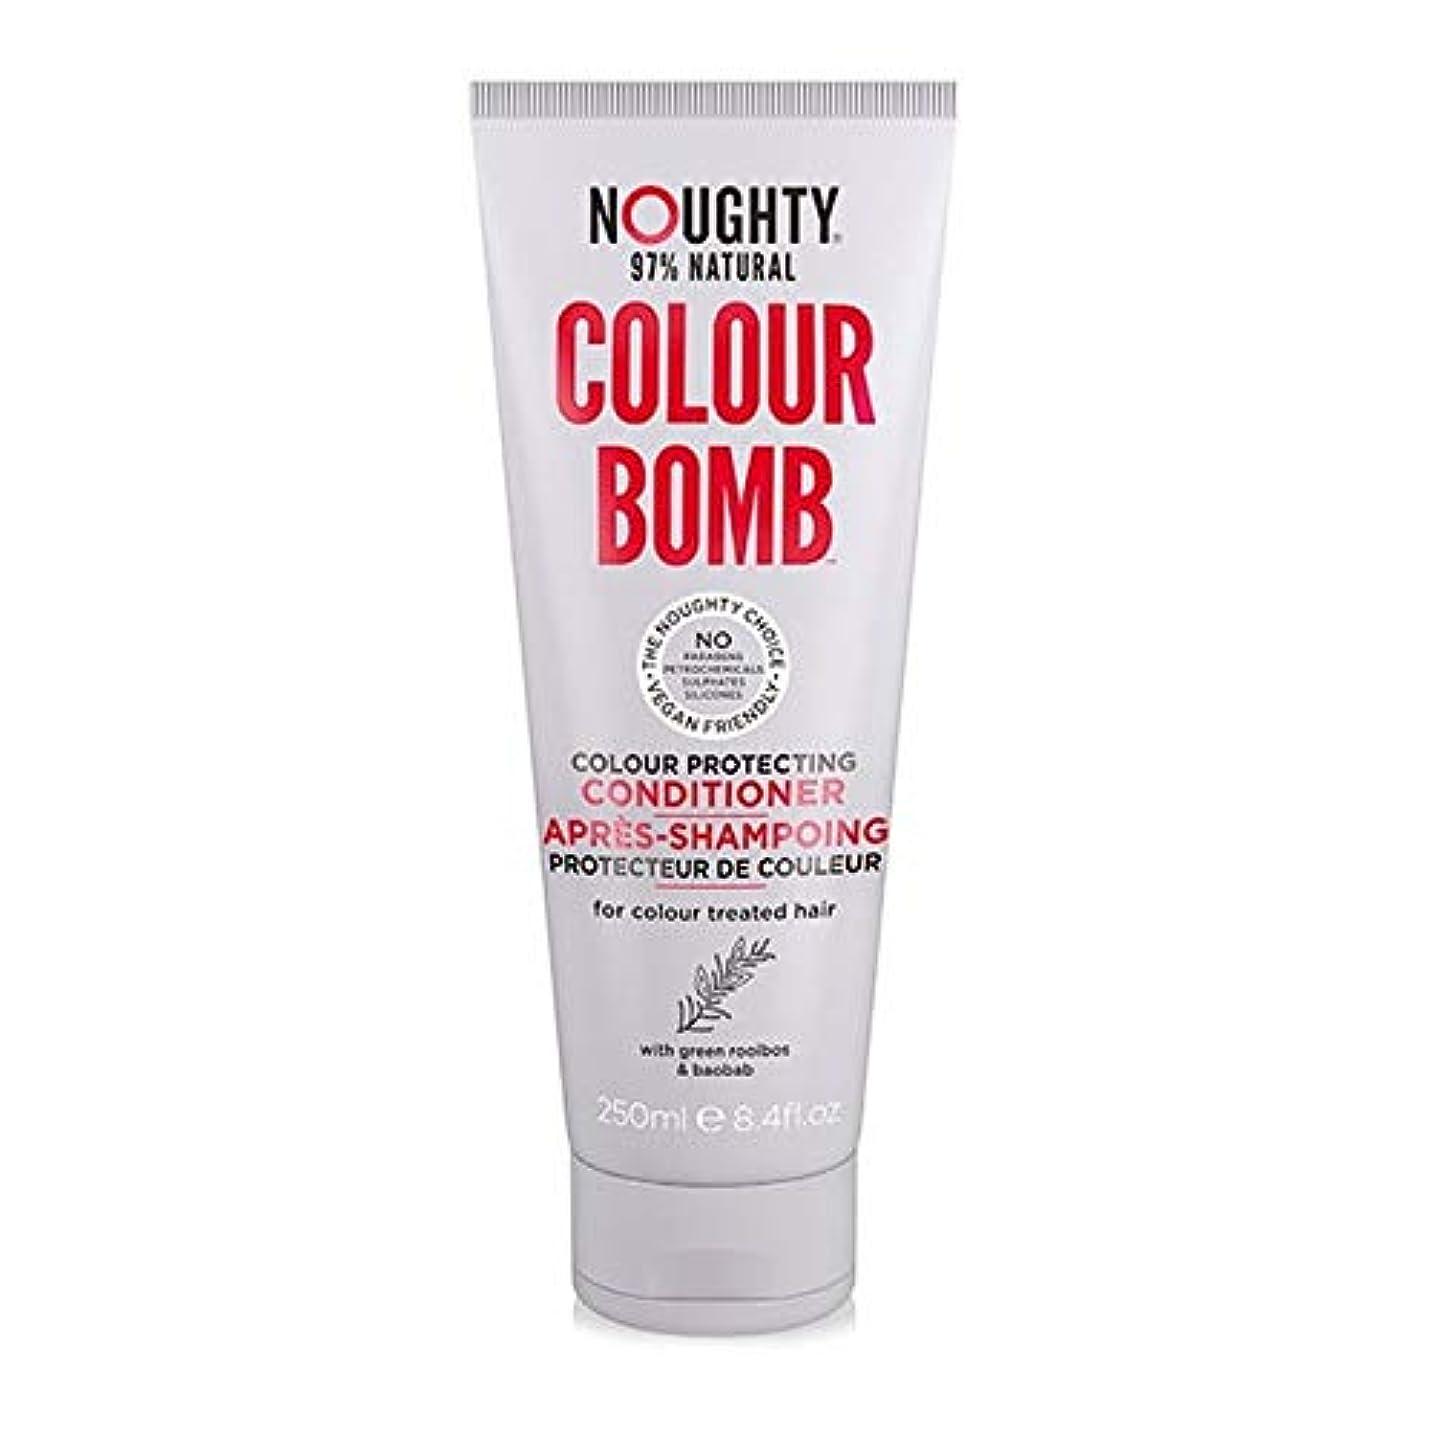 アンタゴニスト早める[Noughty] コンディショナー250Mlを保護Noughtyカラー爆弾の色 - Noughty Colour Bomb Colour Protecting Conditioner 250ml [並行輸入品]